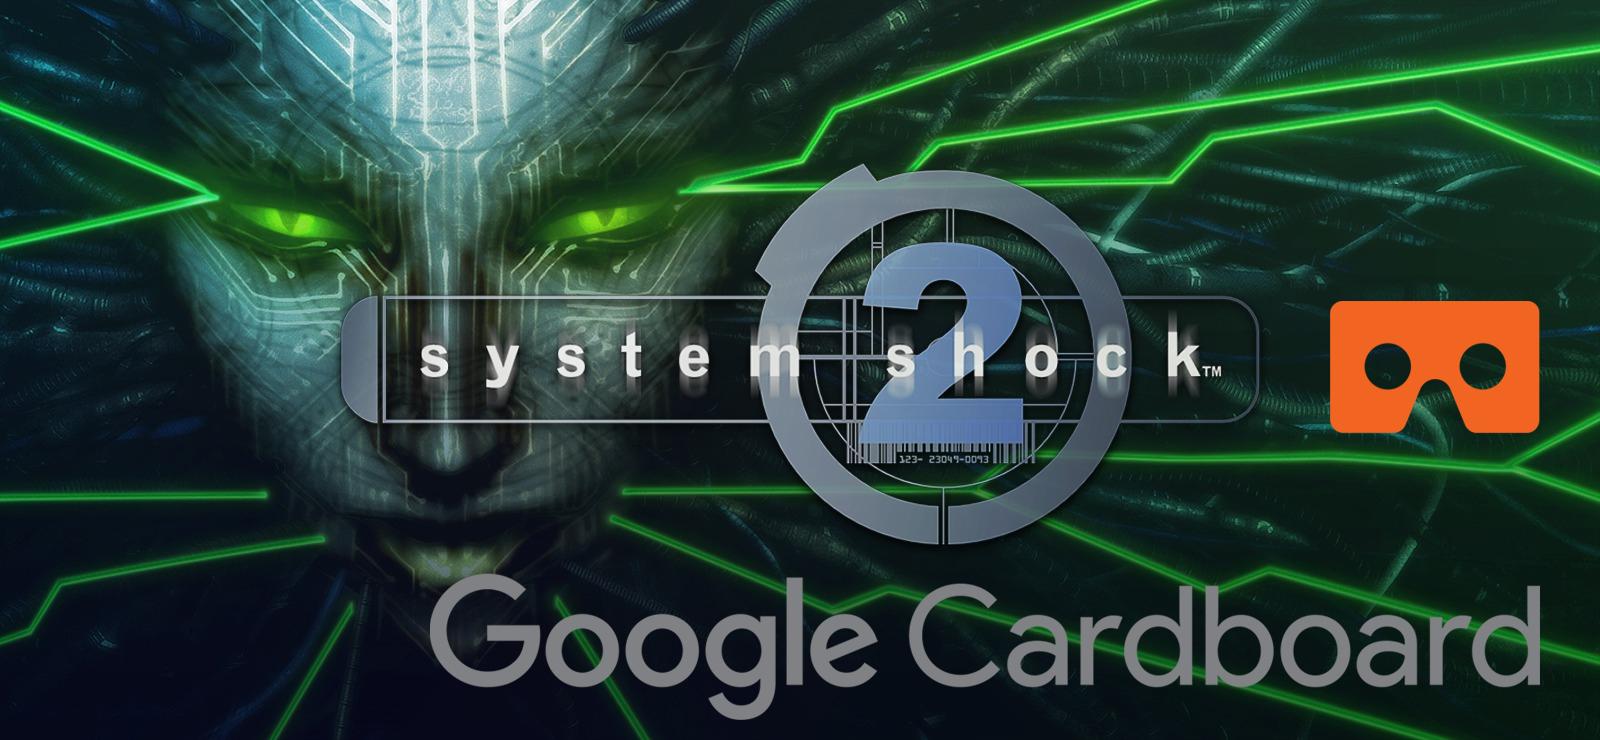 System Shock 2 in Google Cardboard VR